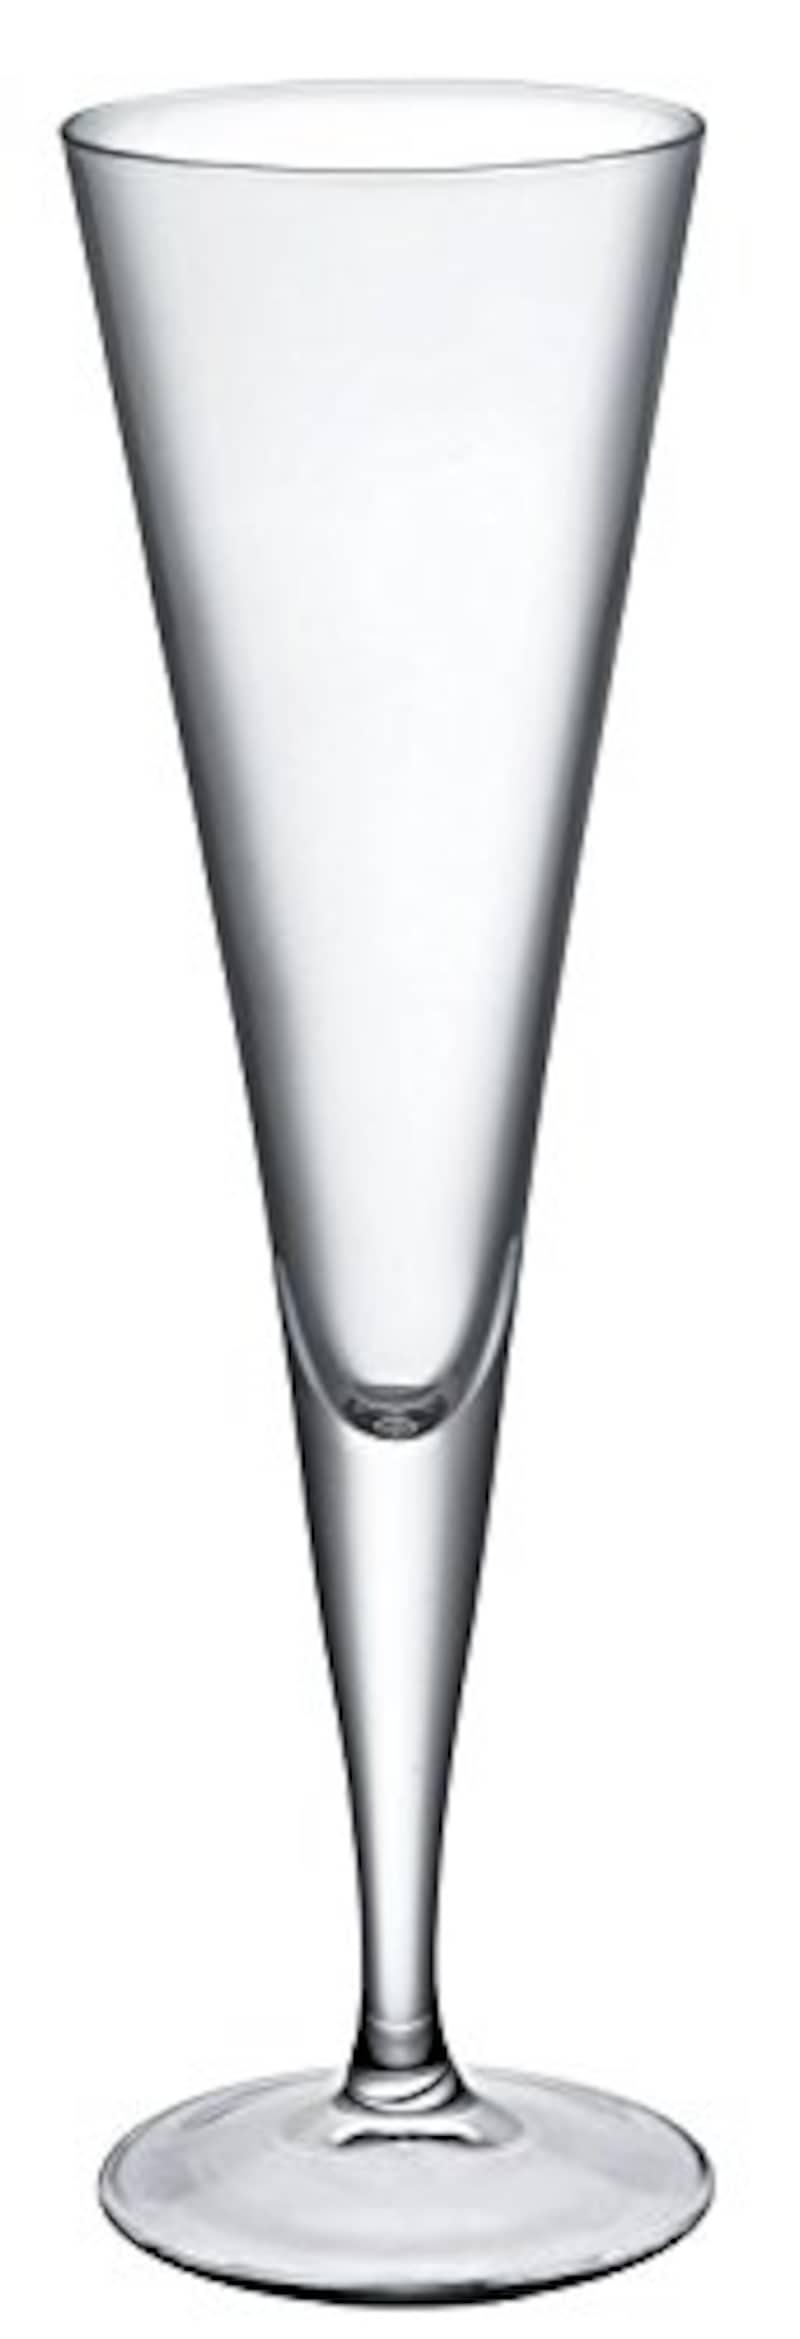 ブランシェ・アソシエ,イプシロン フルーティノ ステムグラス,A6757